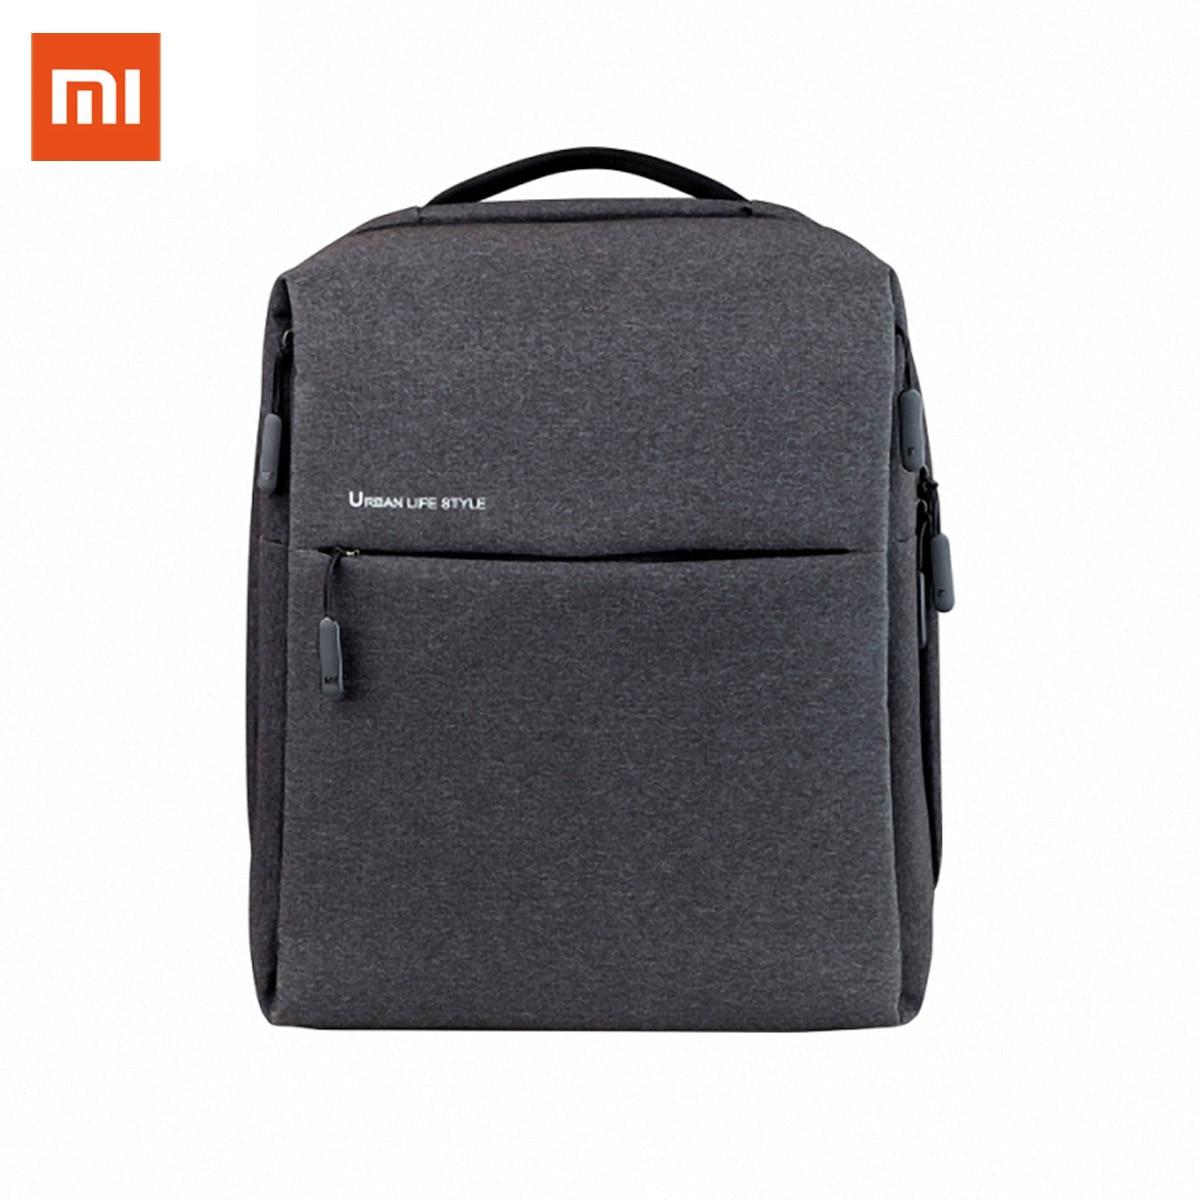 Original Xiaomi Mi Backpack Urban Life Style Shoulders OL Bag Rucksack Daypack School Student Bag Duffel Bag 14 Inch Laptop Bags